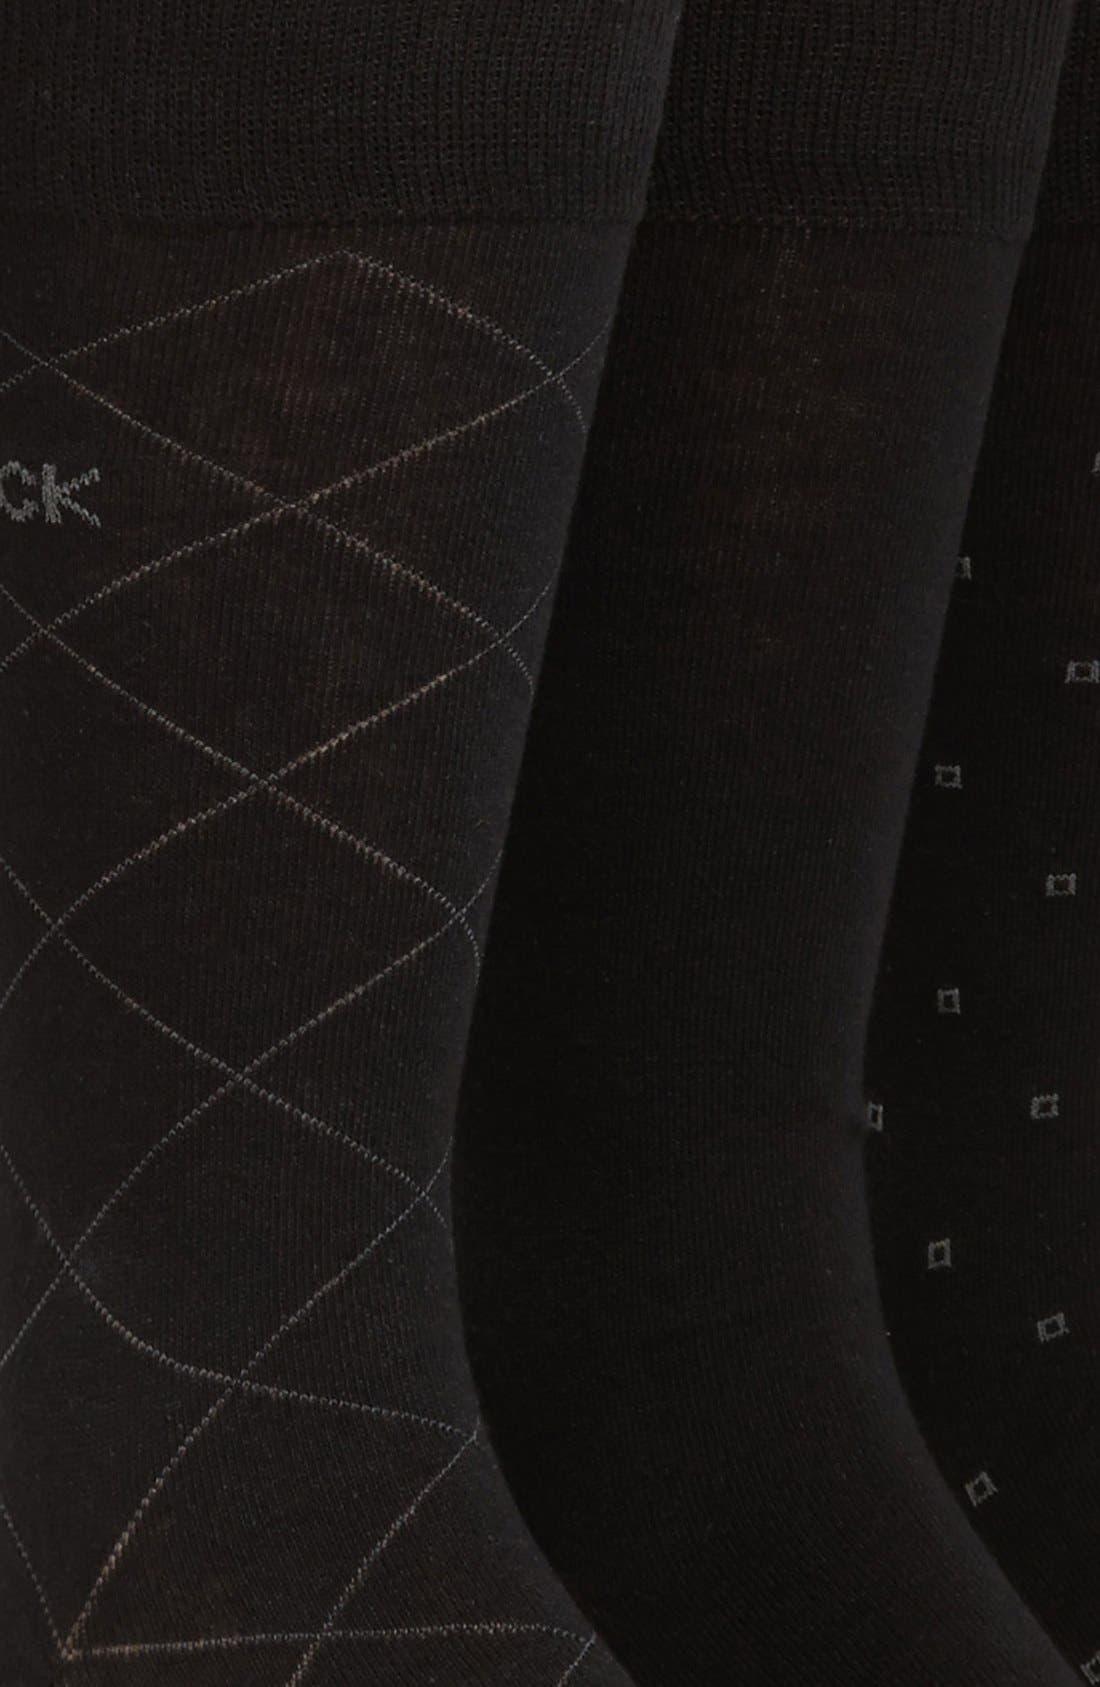 CALVIN KLEIN, 3-Pack Patterned Socks, Alternate thumbnail 2, color, BLACK